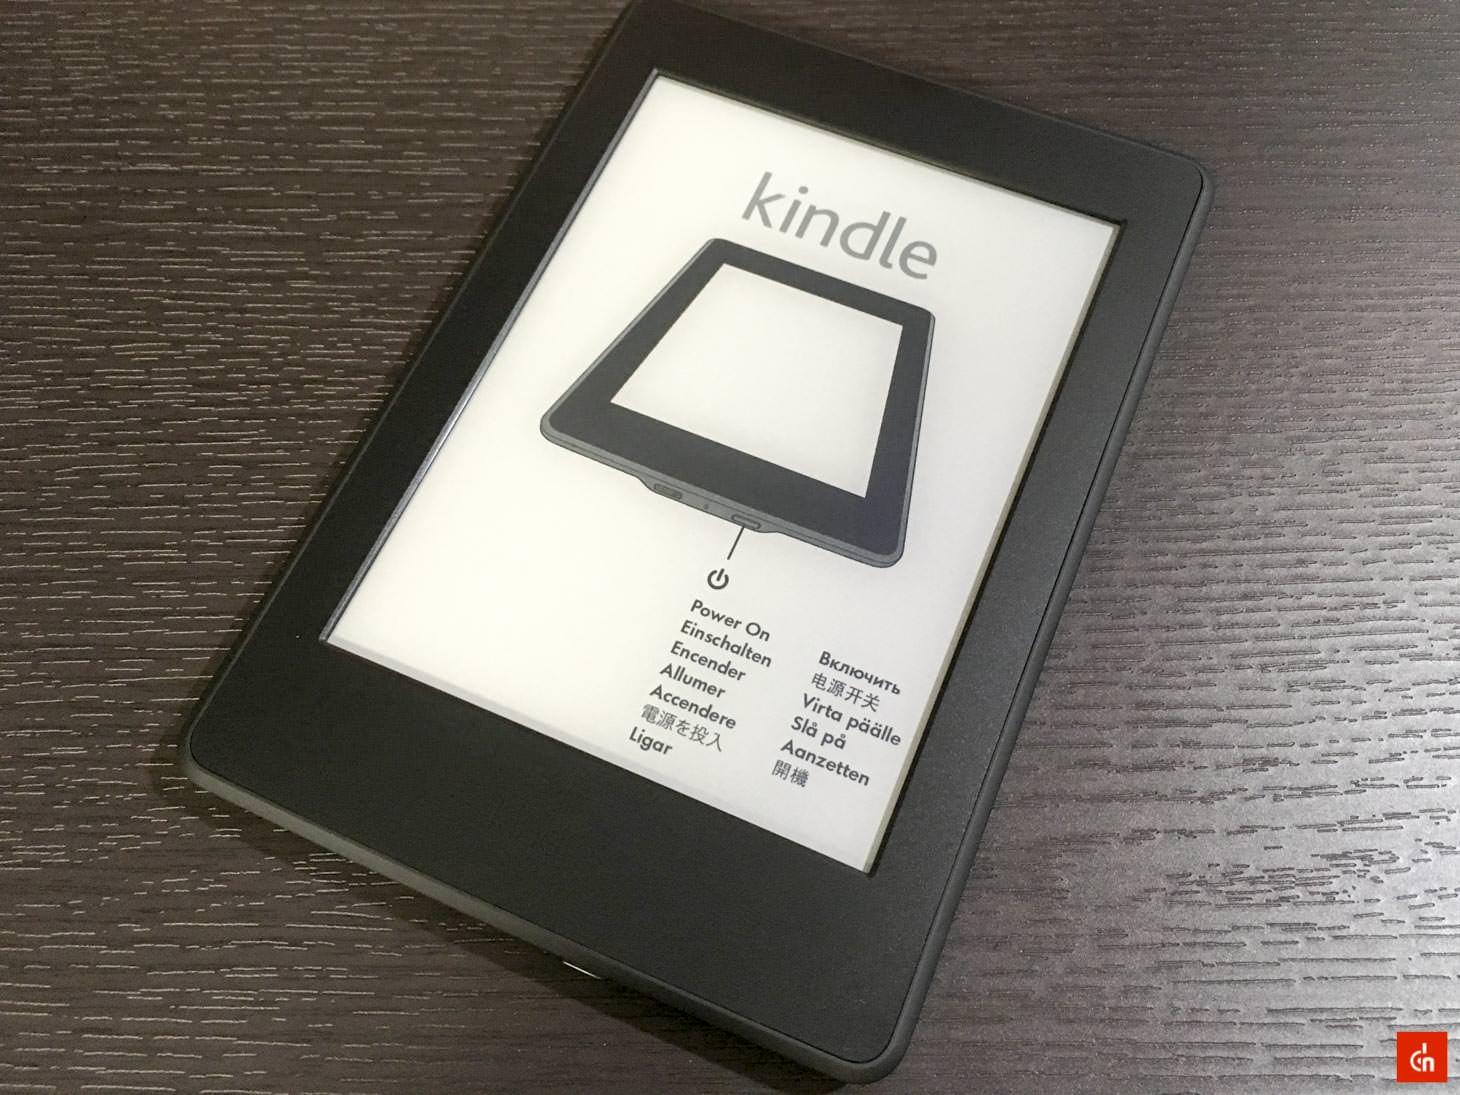 「素材 キンドル 読書」の画像検索結果